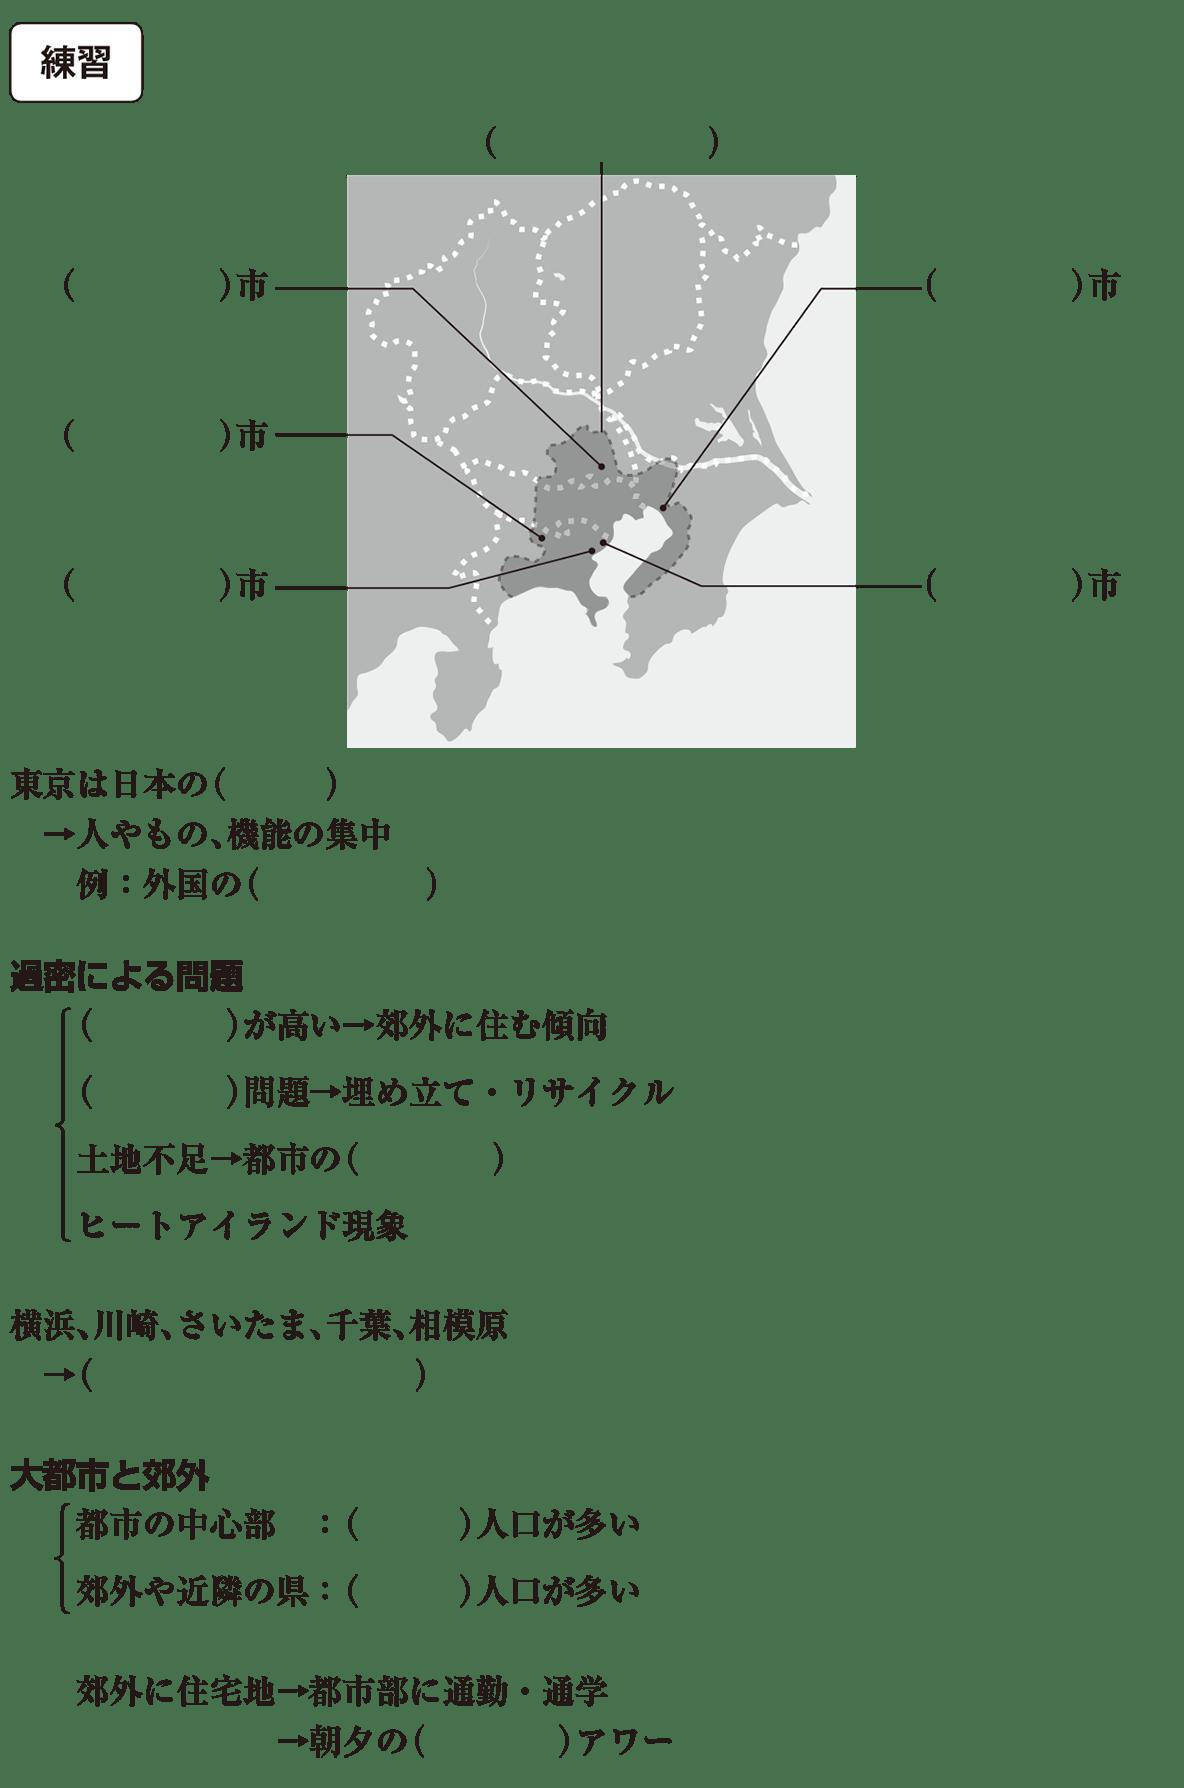 中学地理73 練習 カッコ空欄